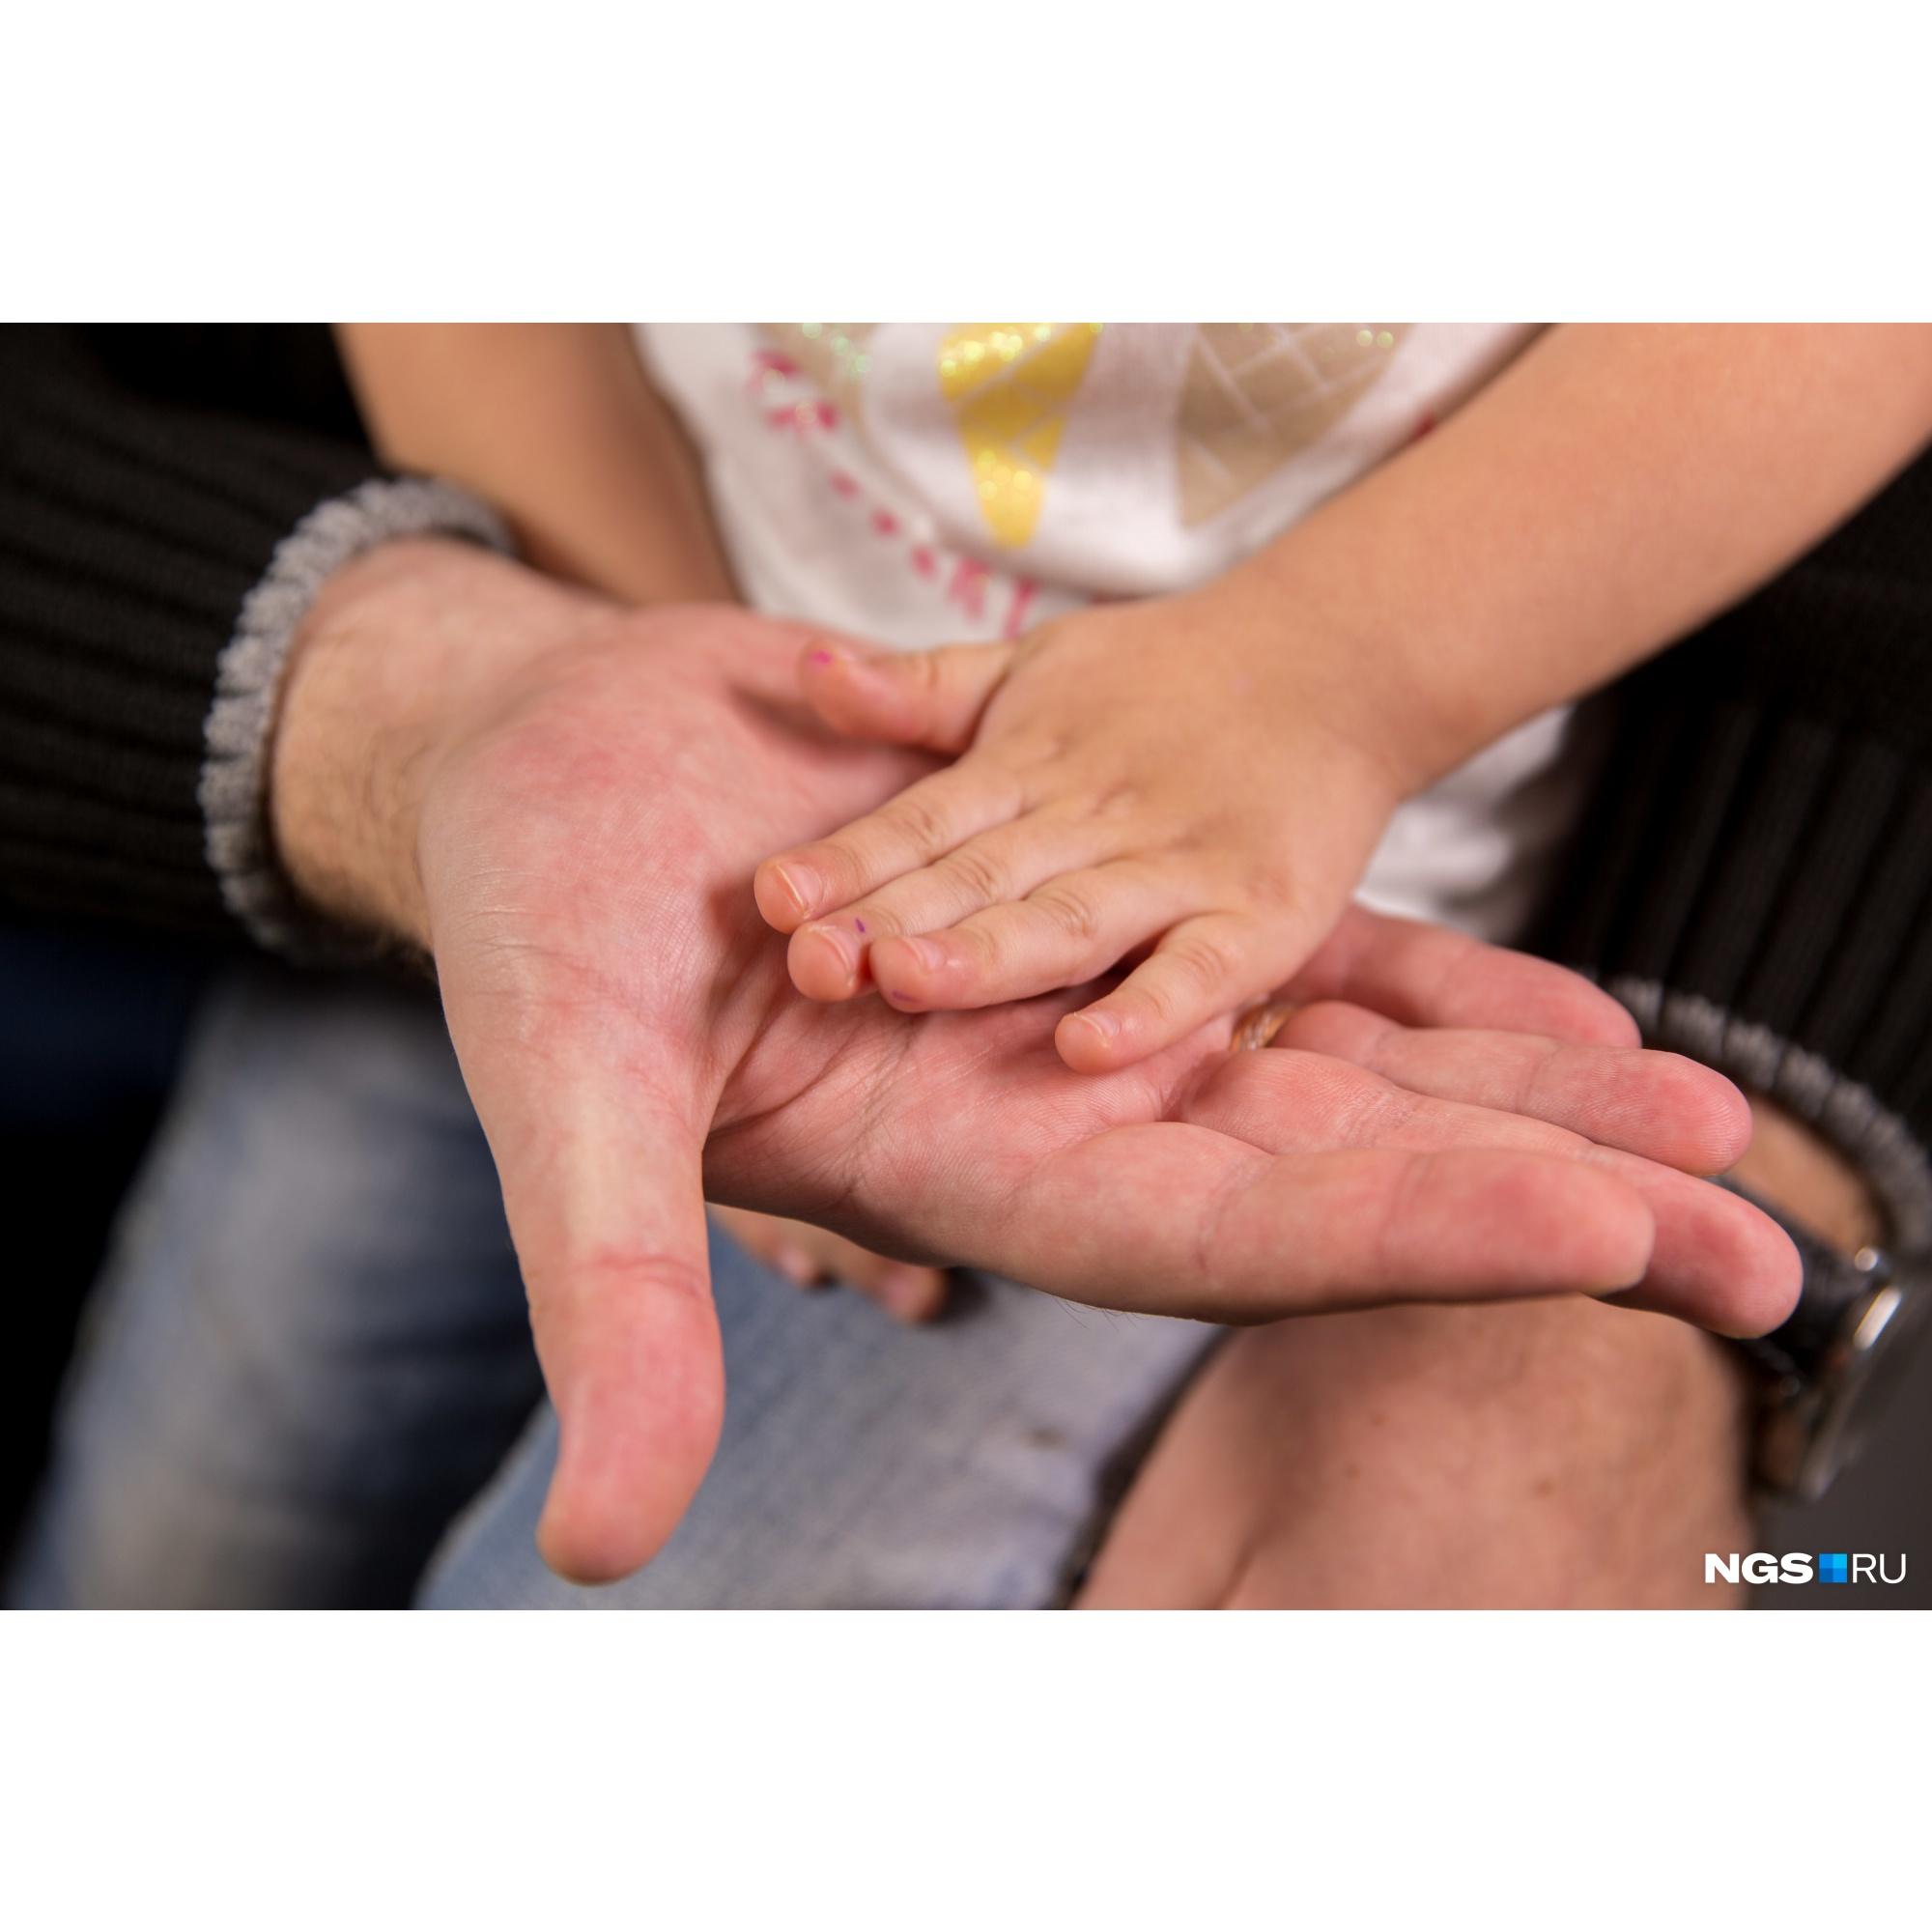 Если у матери нет жилья, а у отца есть — ребенка могут оставить с ним